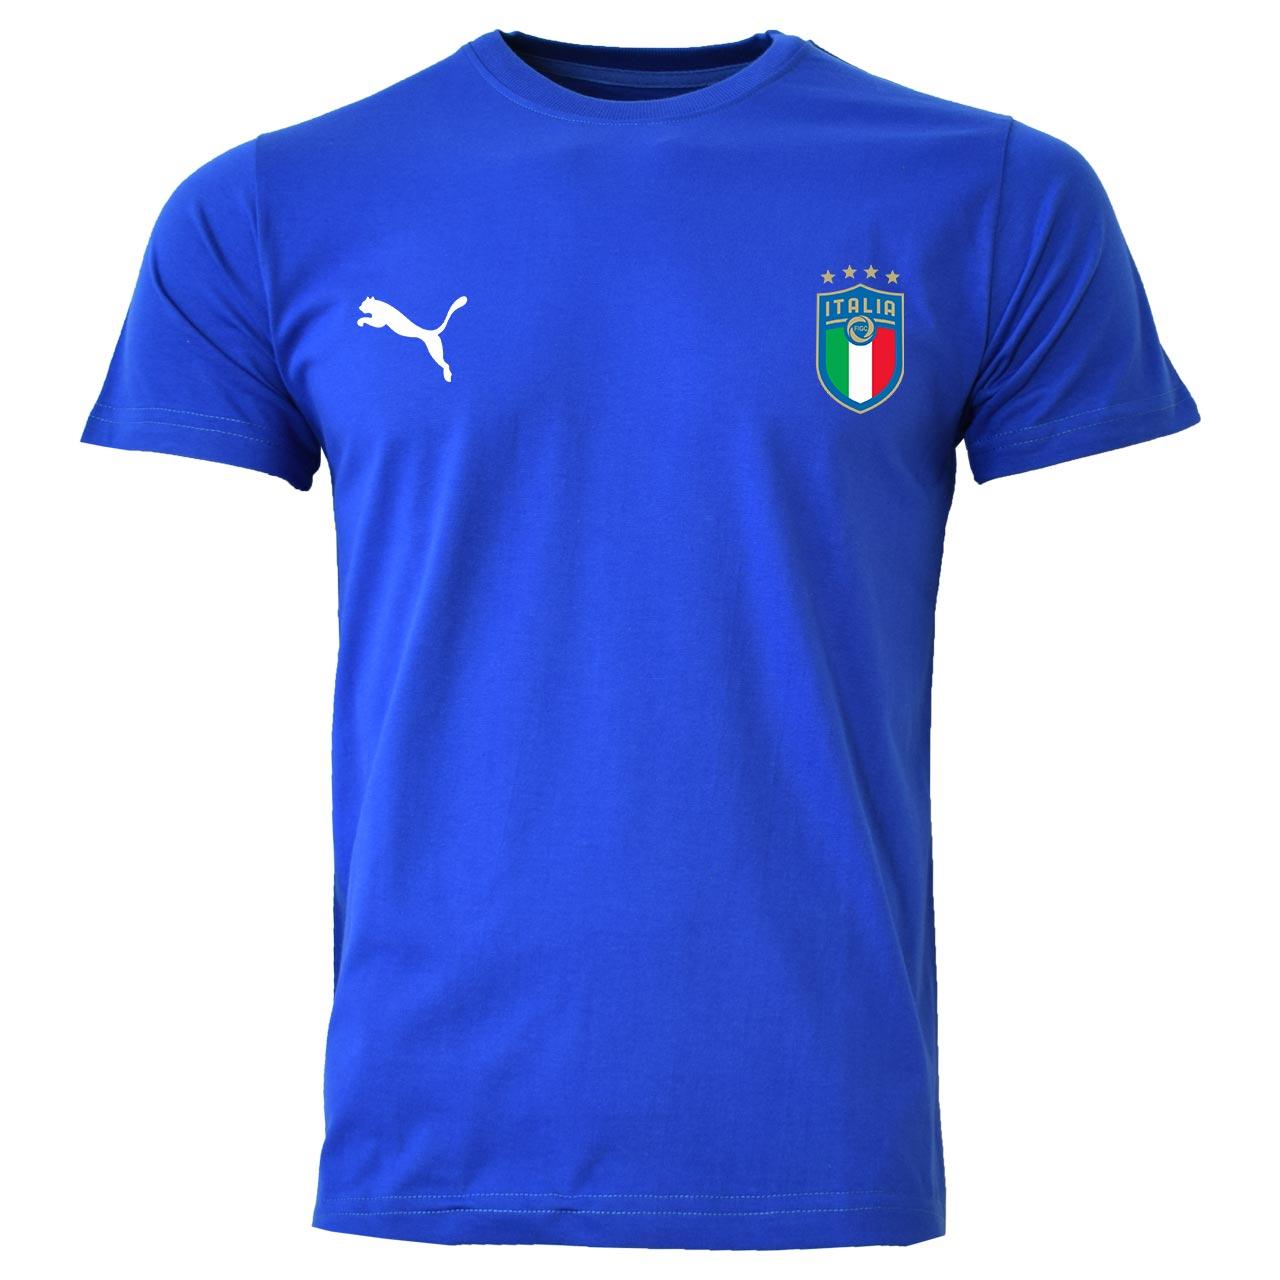 تیشرت مردانه طرح ایتالیا مدل A06 رنگ آبی